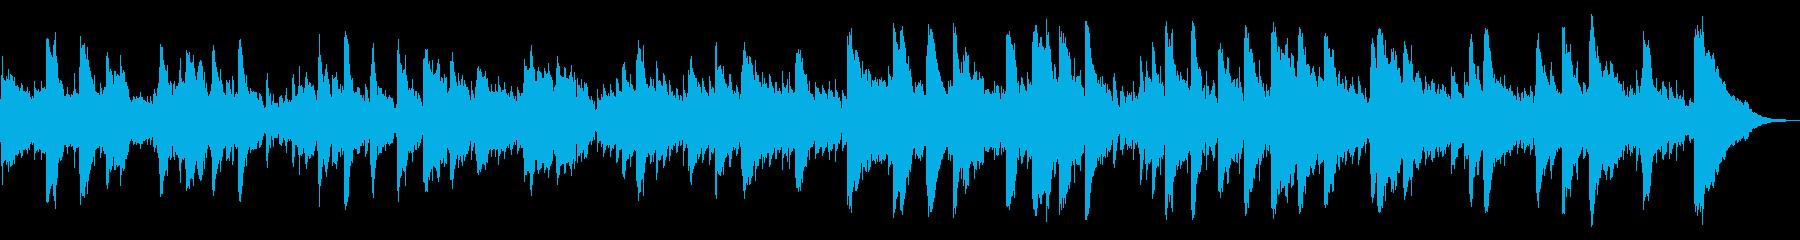 現代的 交響曲 室内楽 モダン ア...の再生済みの波形